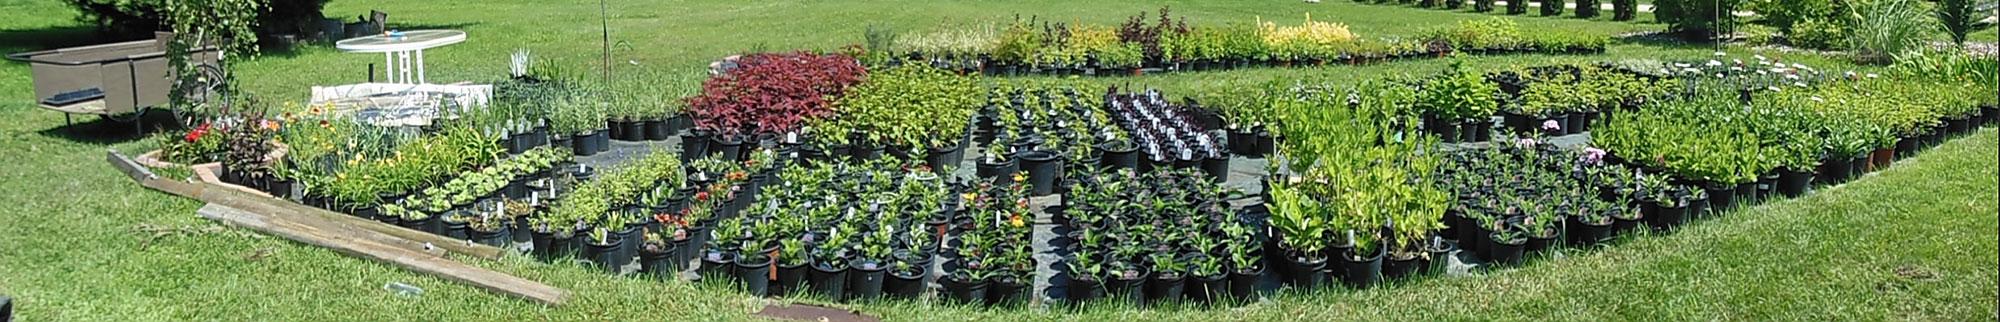 online-plant-nursery-pan